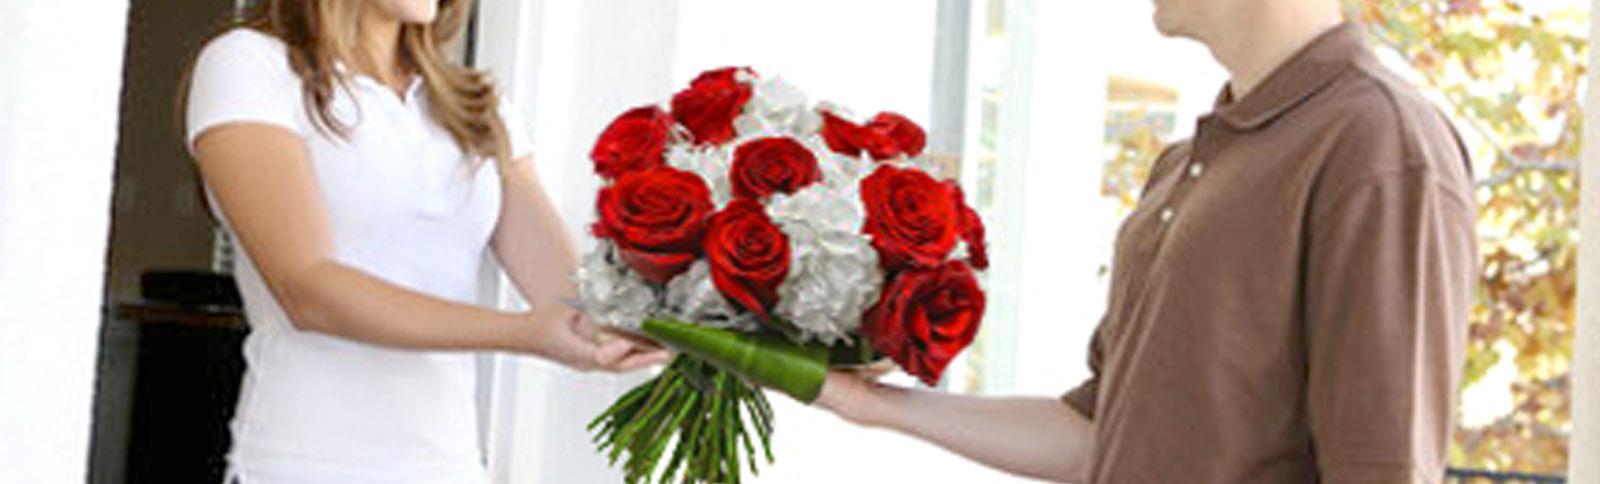 info livraison arum fleuriste montr al livraison de fleurs. Black Bedroom Furniture Sets. Home Design Ideas